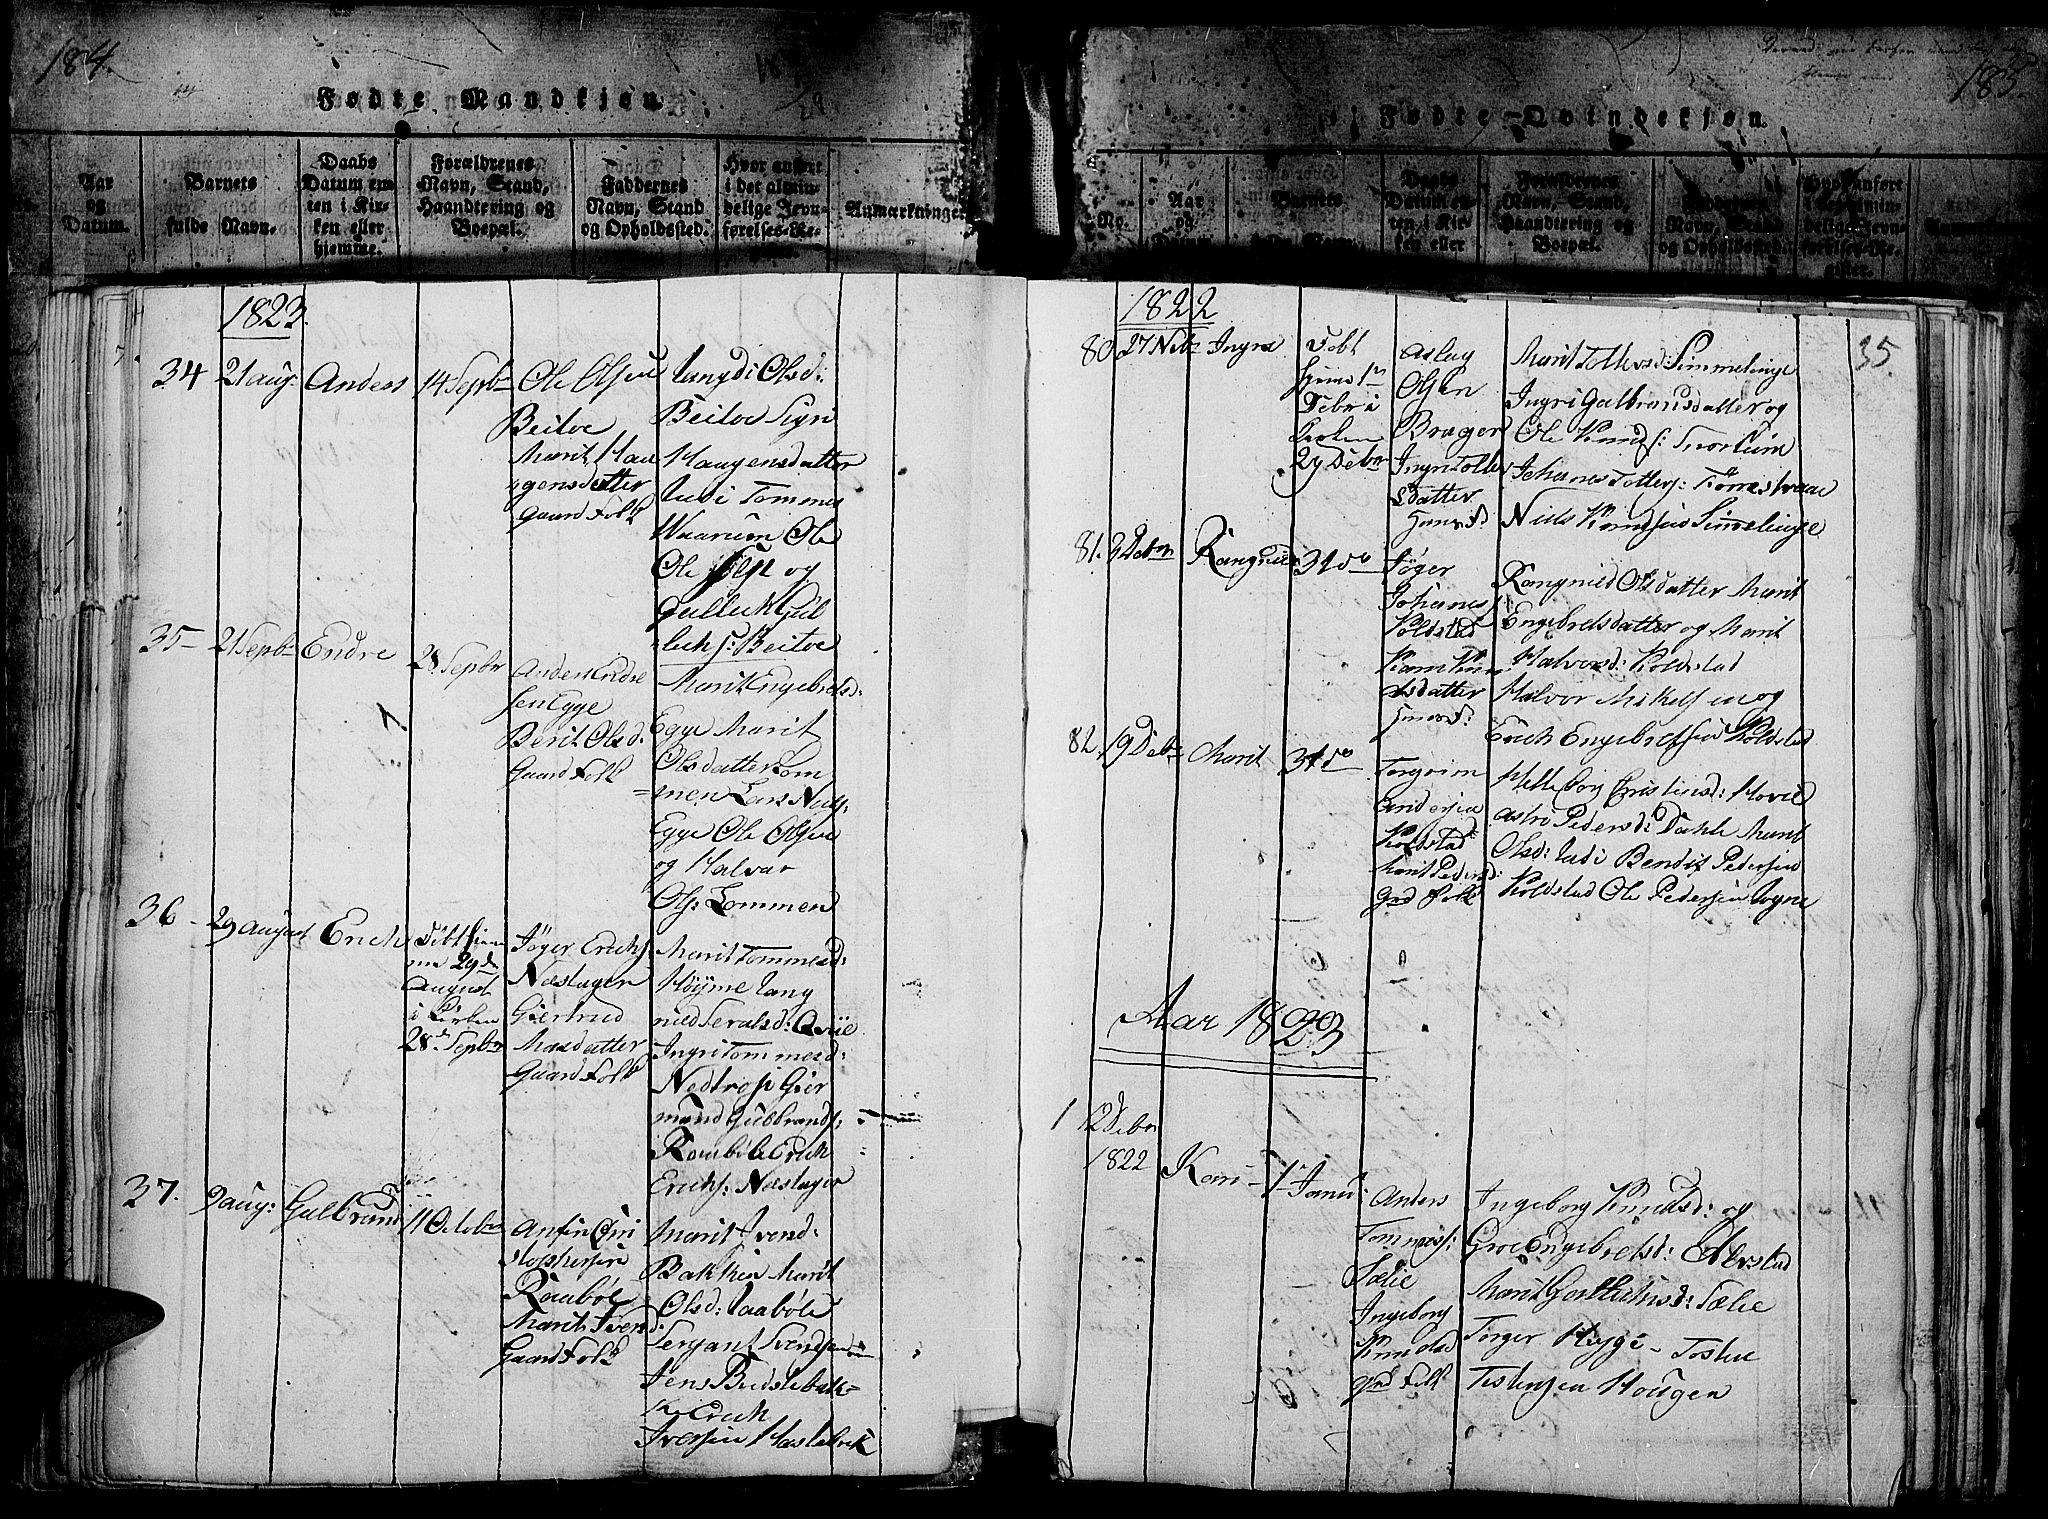 SAH, Slidre prestekontor, Ministerialbok nr. 2, 1814-1830, s. 185i